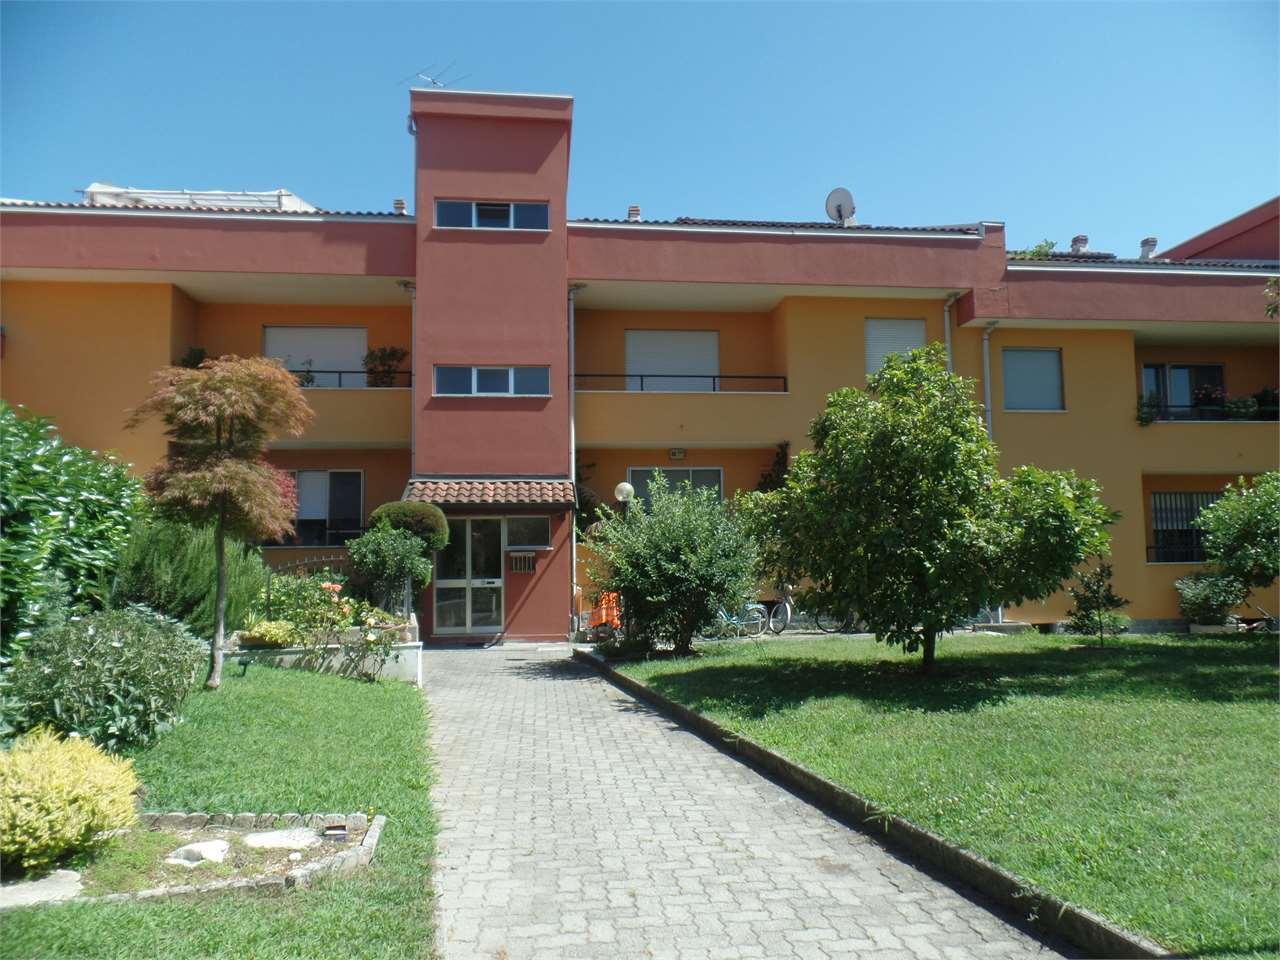 Appartamento in vendita a Villastellone, 4 locali, prezzo € 154.000 | CambioCasa.it